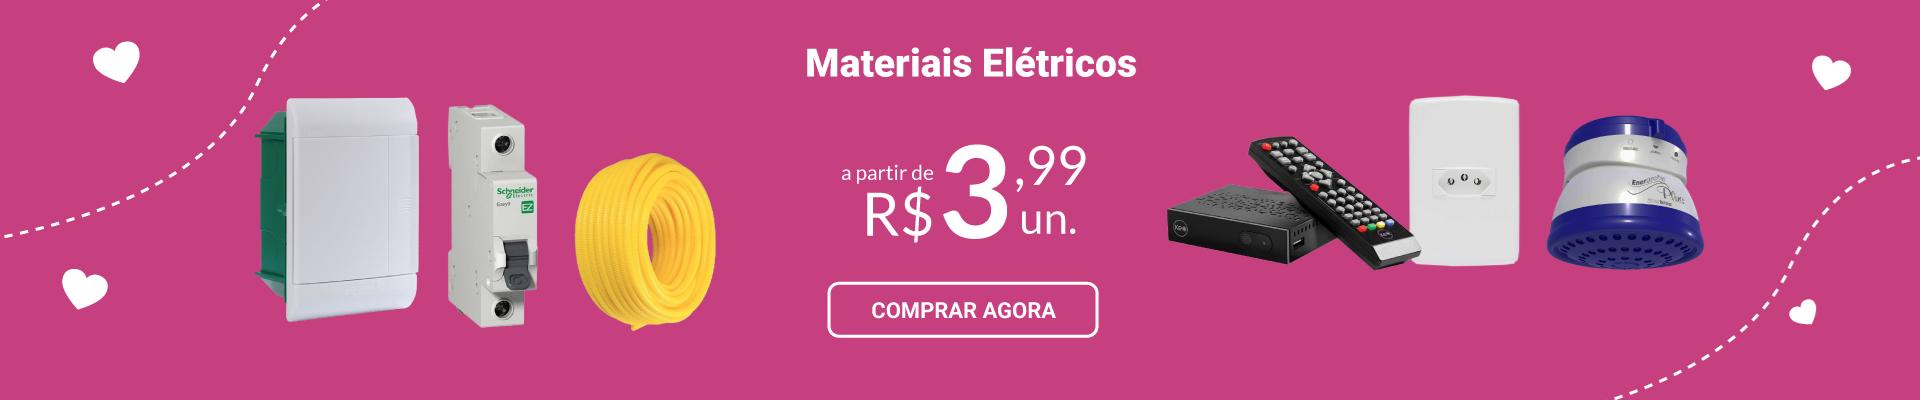 Materiais Eletricos